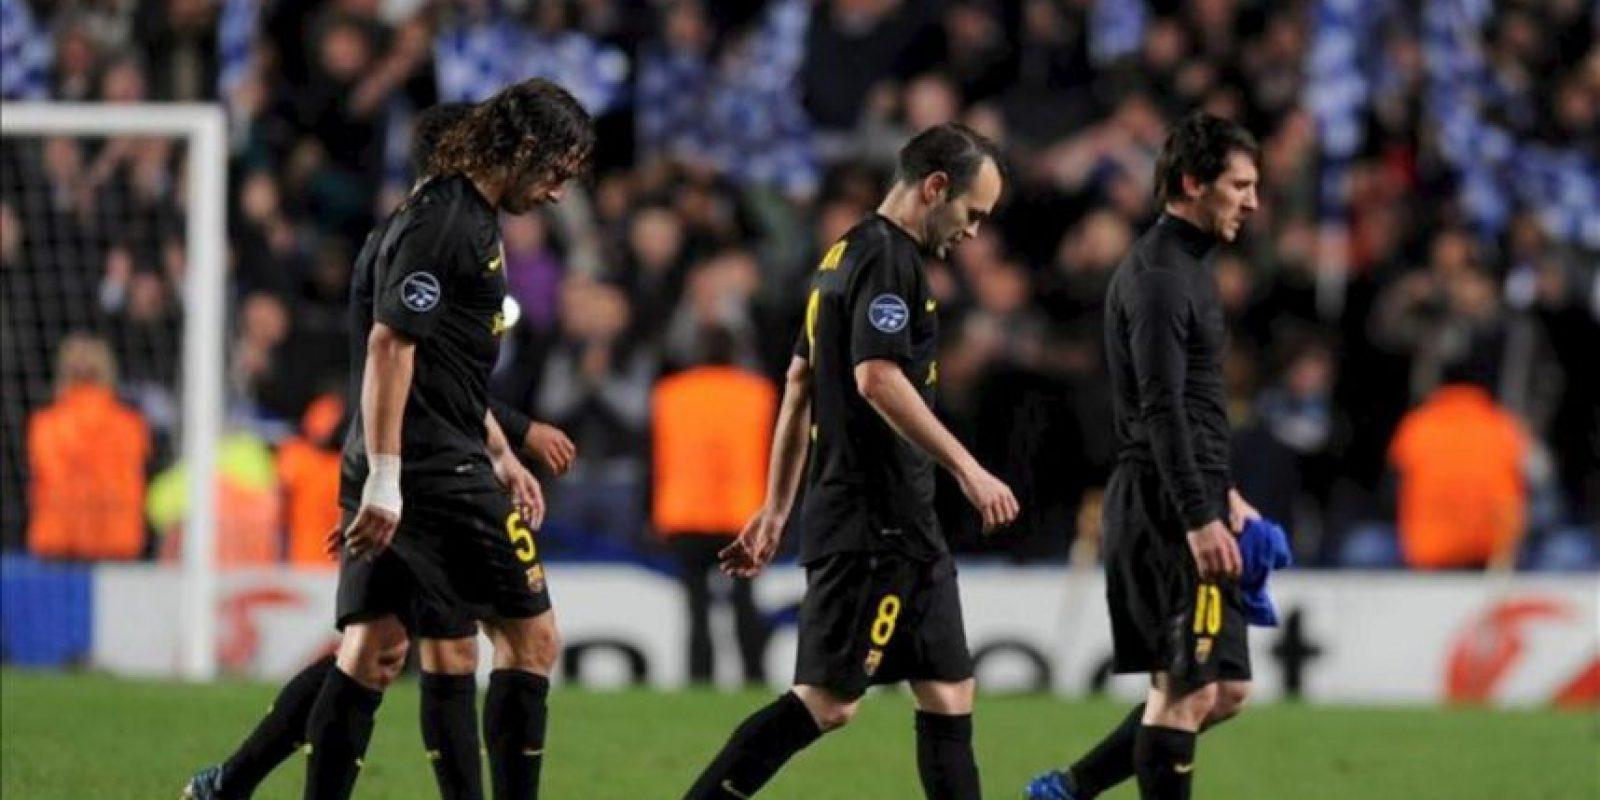 Los jugadores del Barcelona, Lionel Messi (d), Andres Iniesta (c) y Carles Puyol (i) al finalizar el partido de ida de la semifinal de la Liga de Campeones ante el Chelsea. EFE